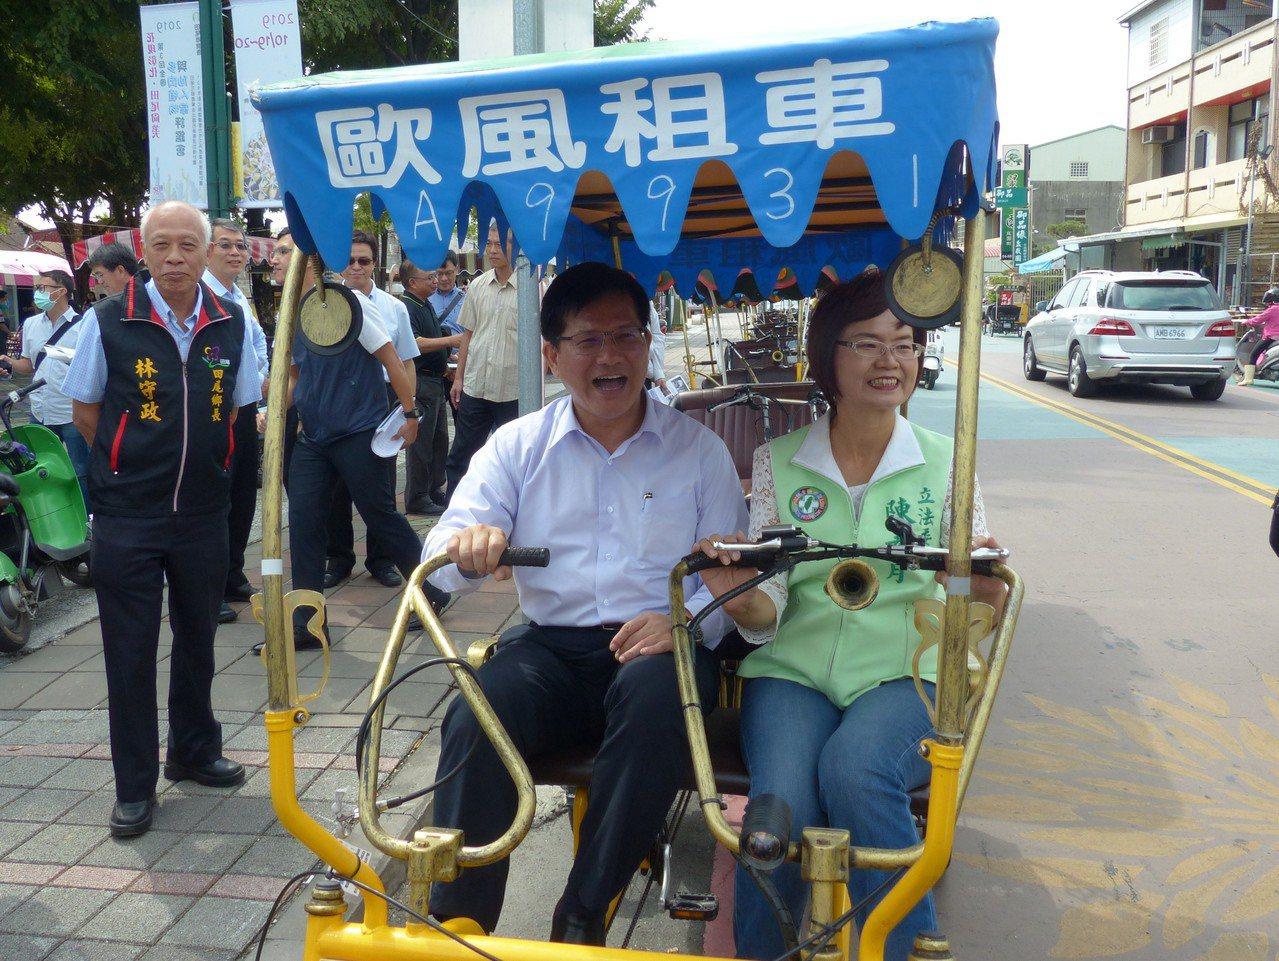 交通部部長林佳龍(左)和立委陳素月(右)體驗田尾電動自行車。記者凌筠婷/攝影